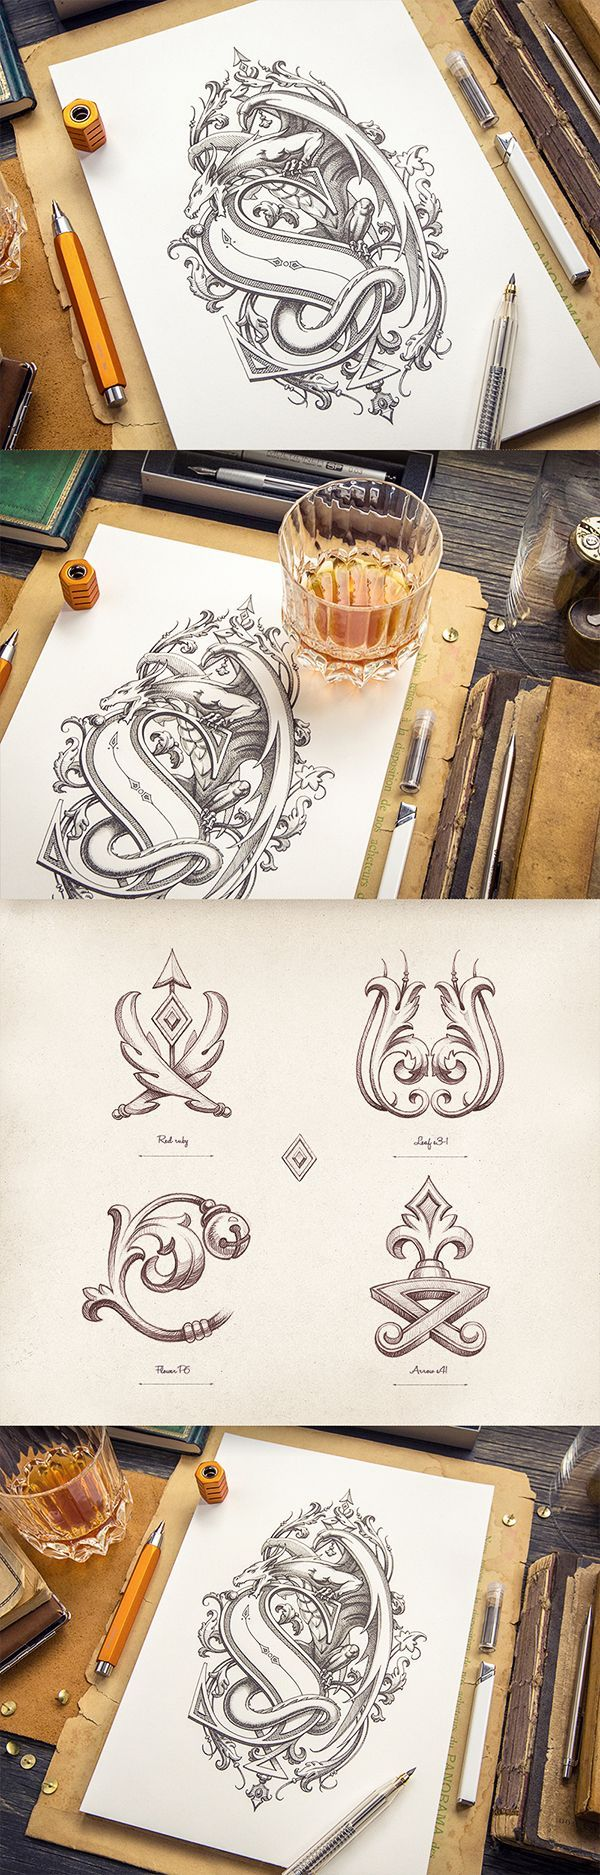 Brasões e ilustrações como inspiração de marcas